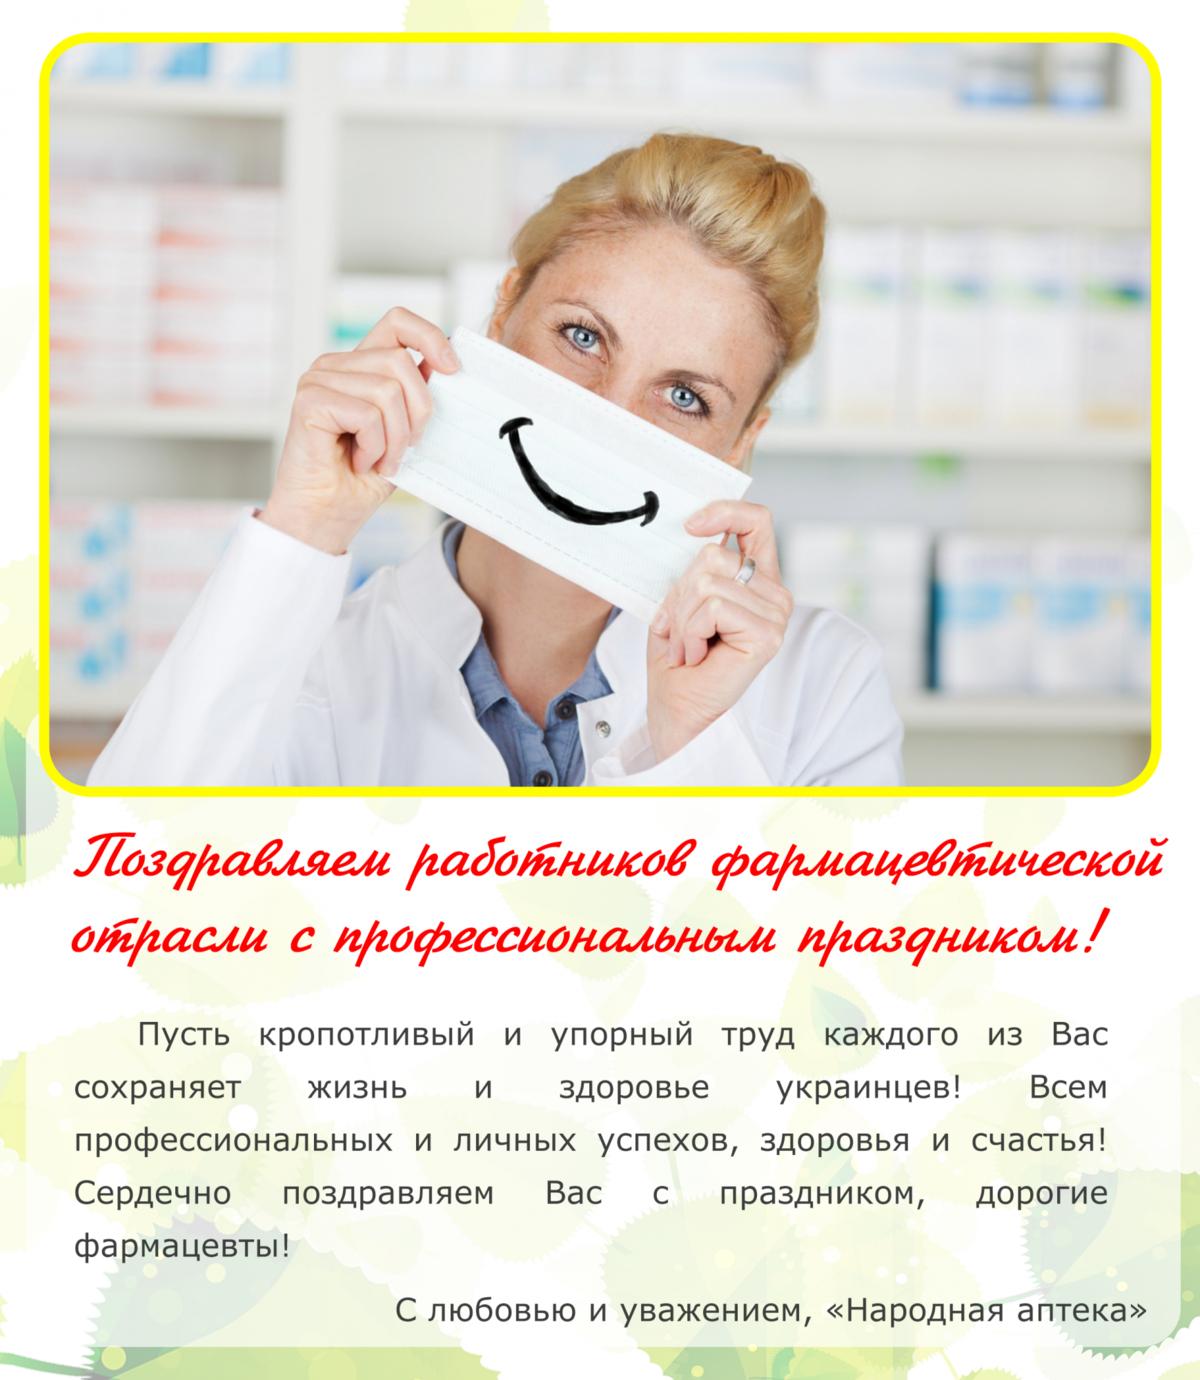 Картинка поздравление с днем фармацевта